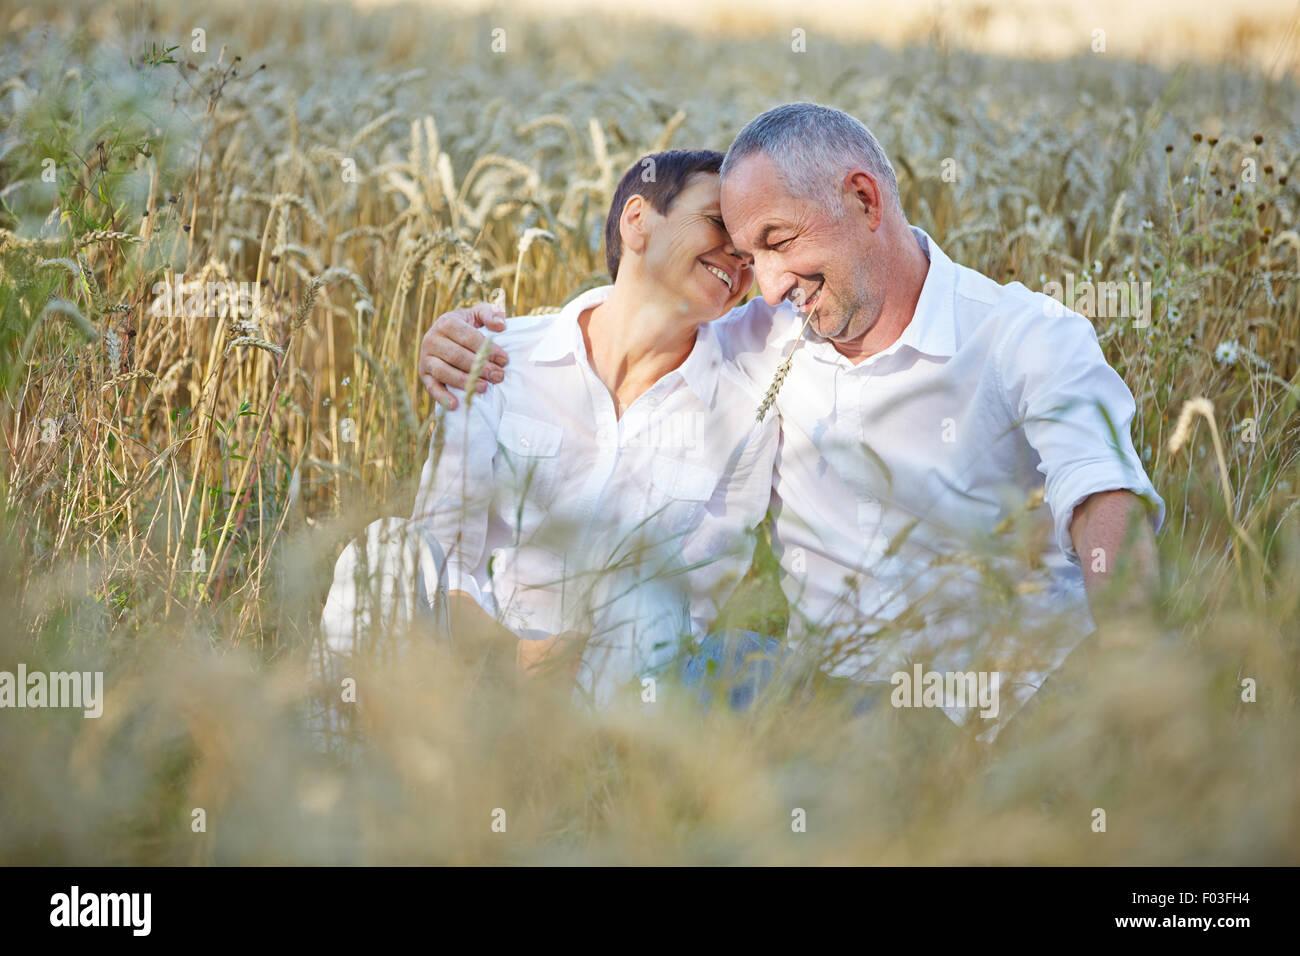 Felice coppia senior seduto in un campo di grano in estate Immagini Stock